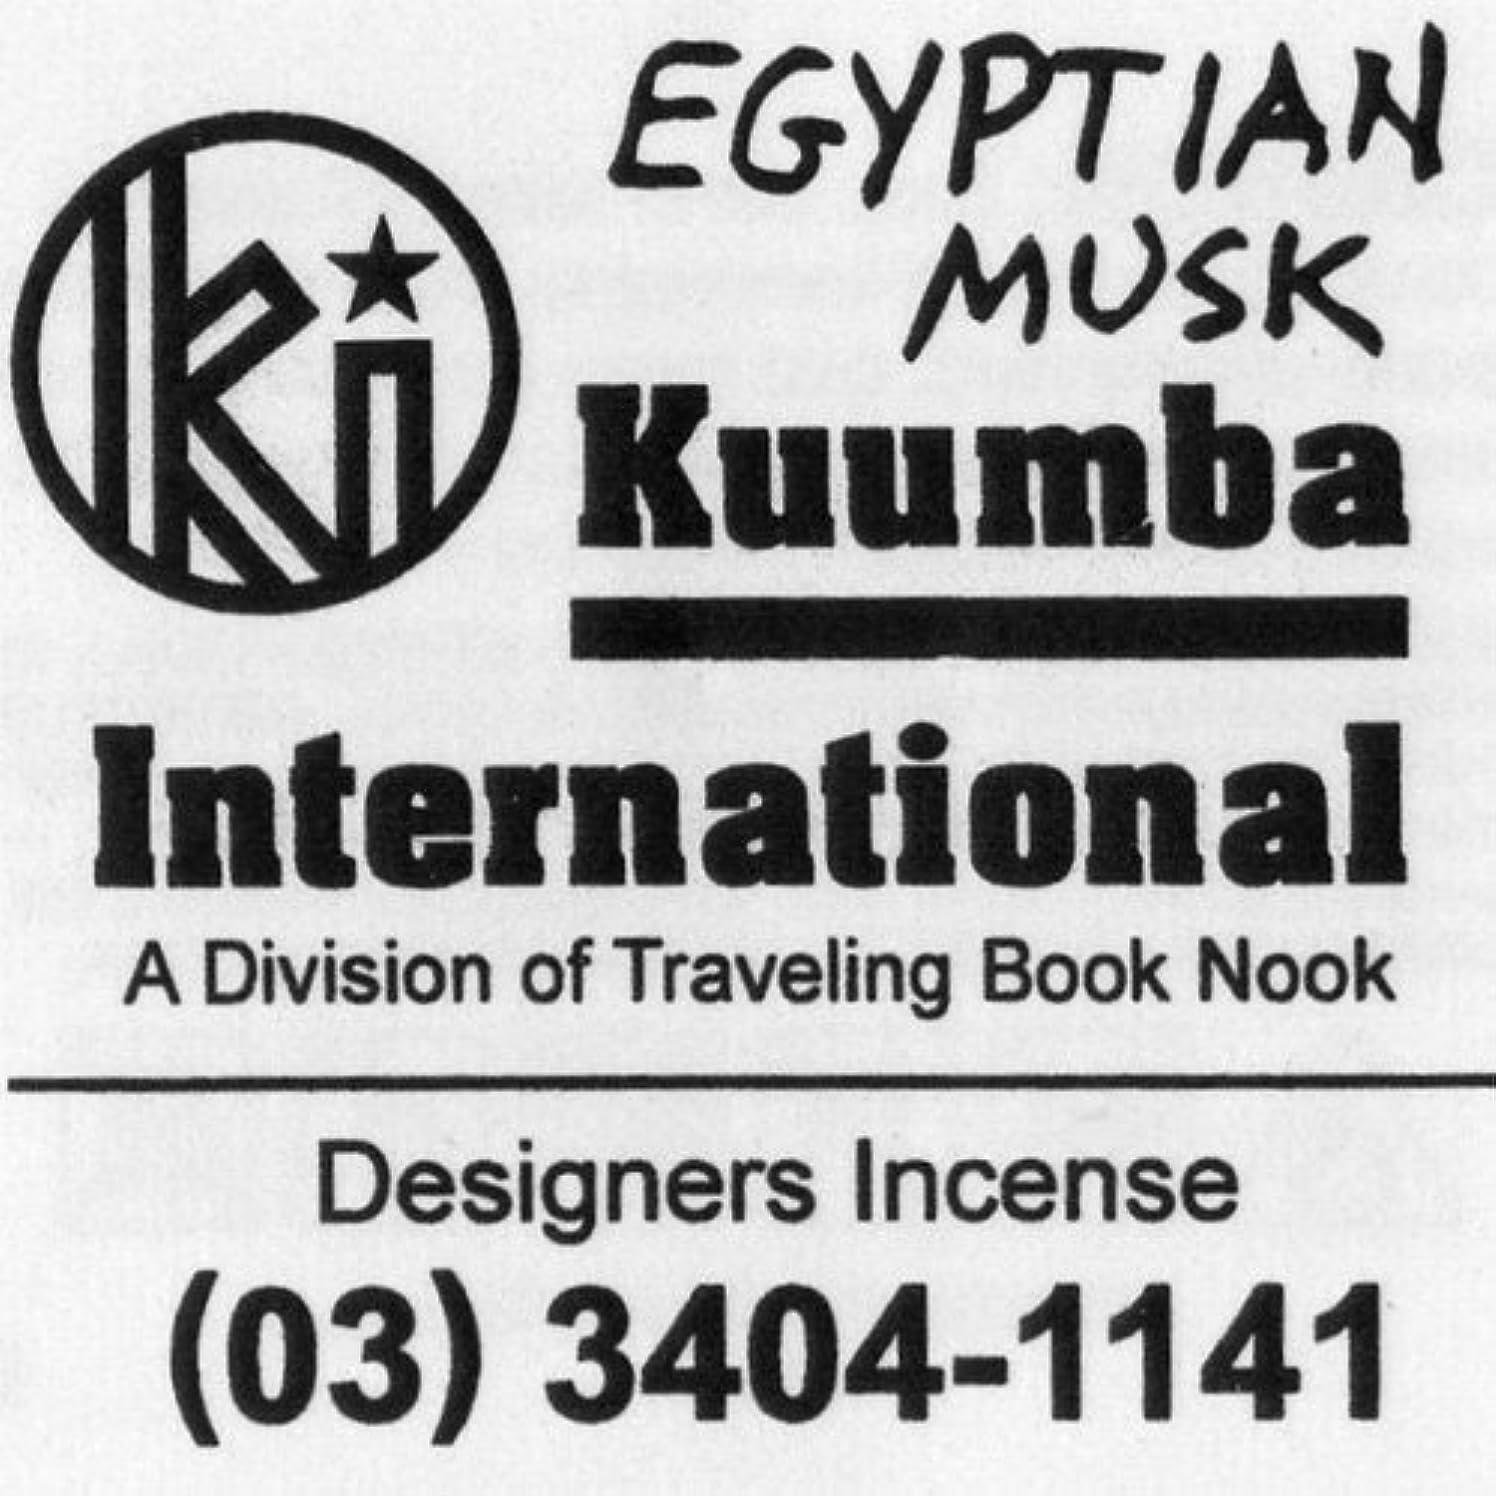 コテージ空いているに賛成KUUMBA / クンバ『incense』(EGYPTIAN MUSK) (Regular size)